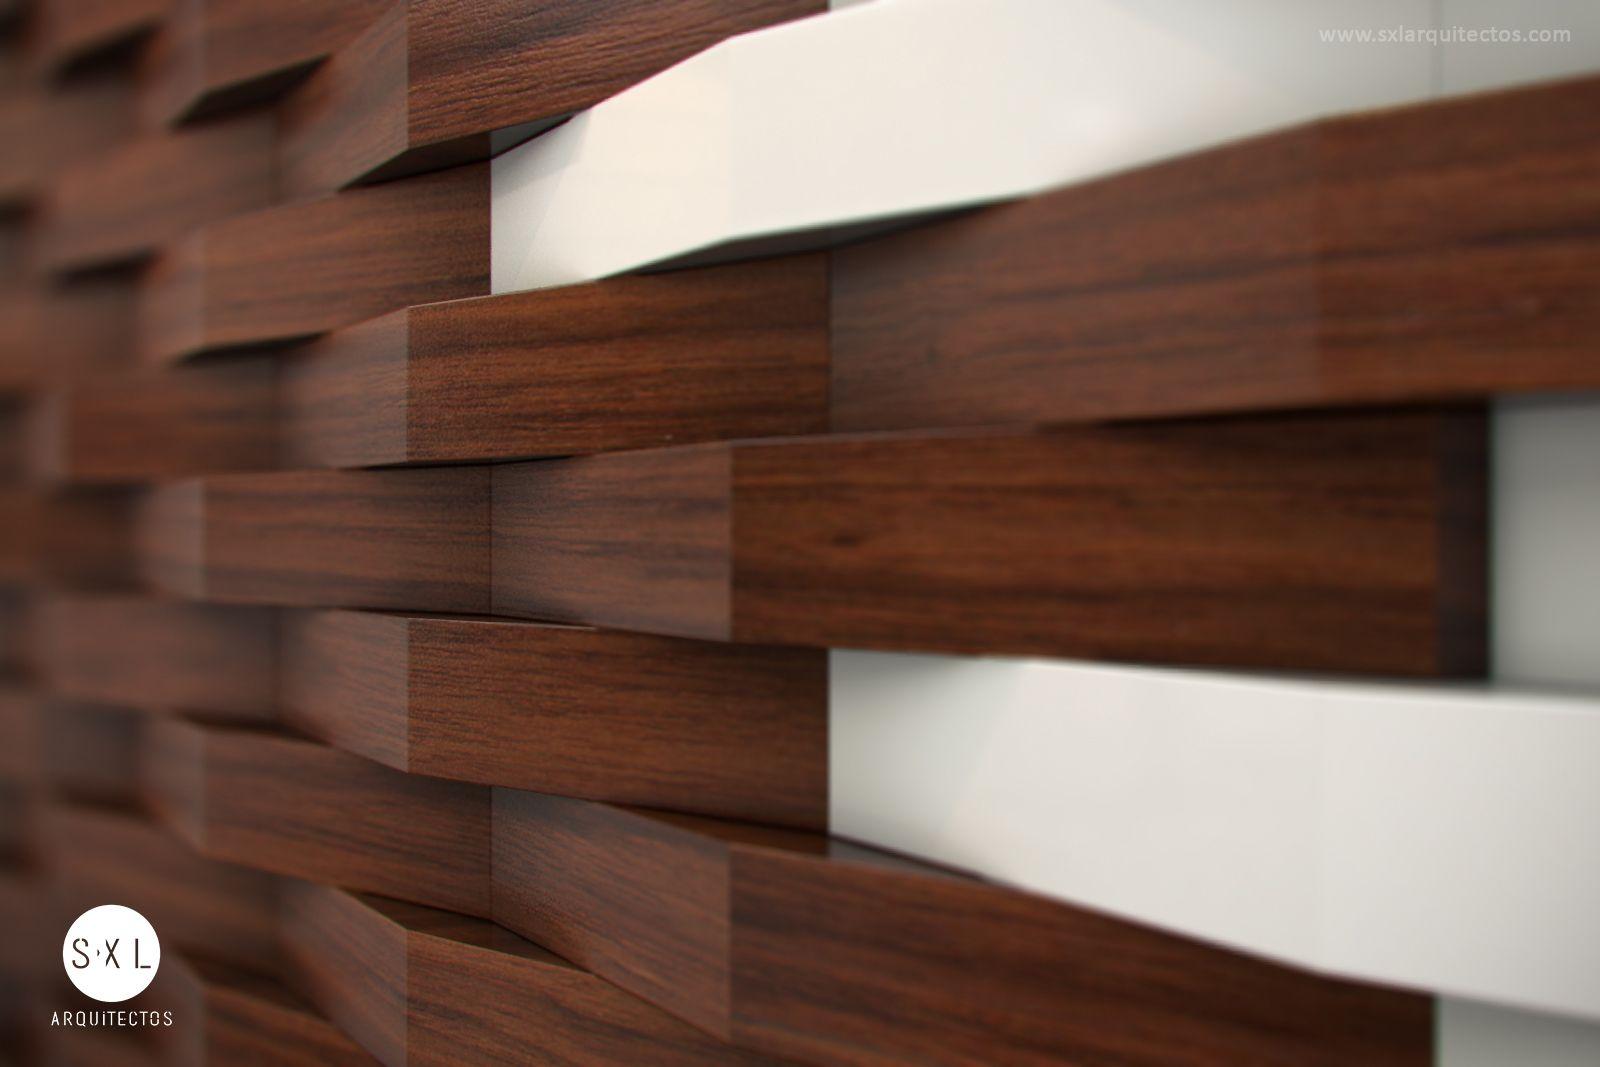 Detalle de listones de madera en muro de la recepci n - Liston de madera ...